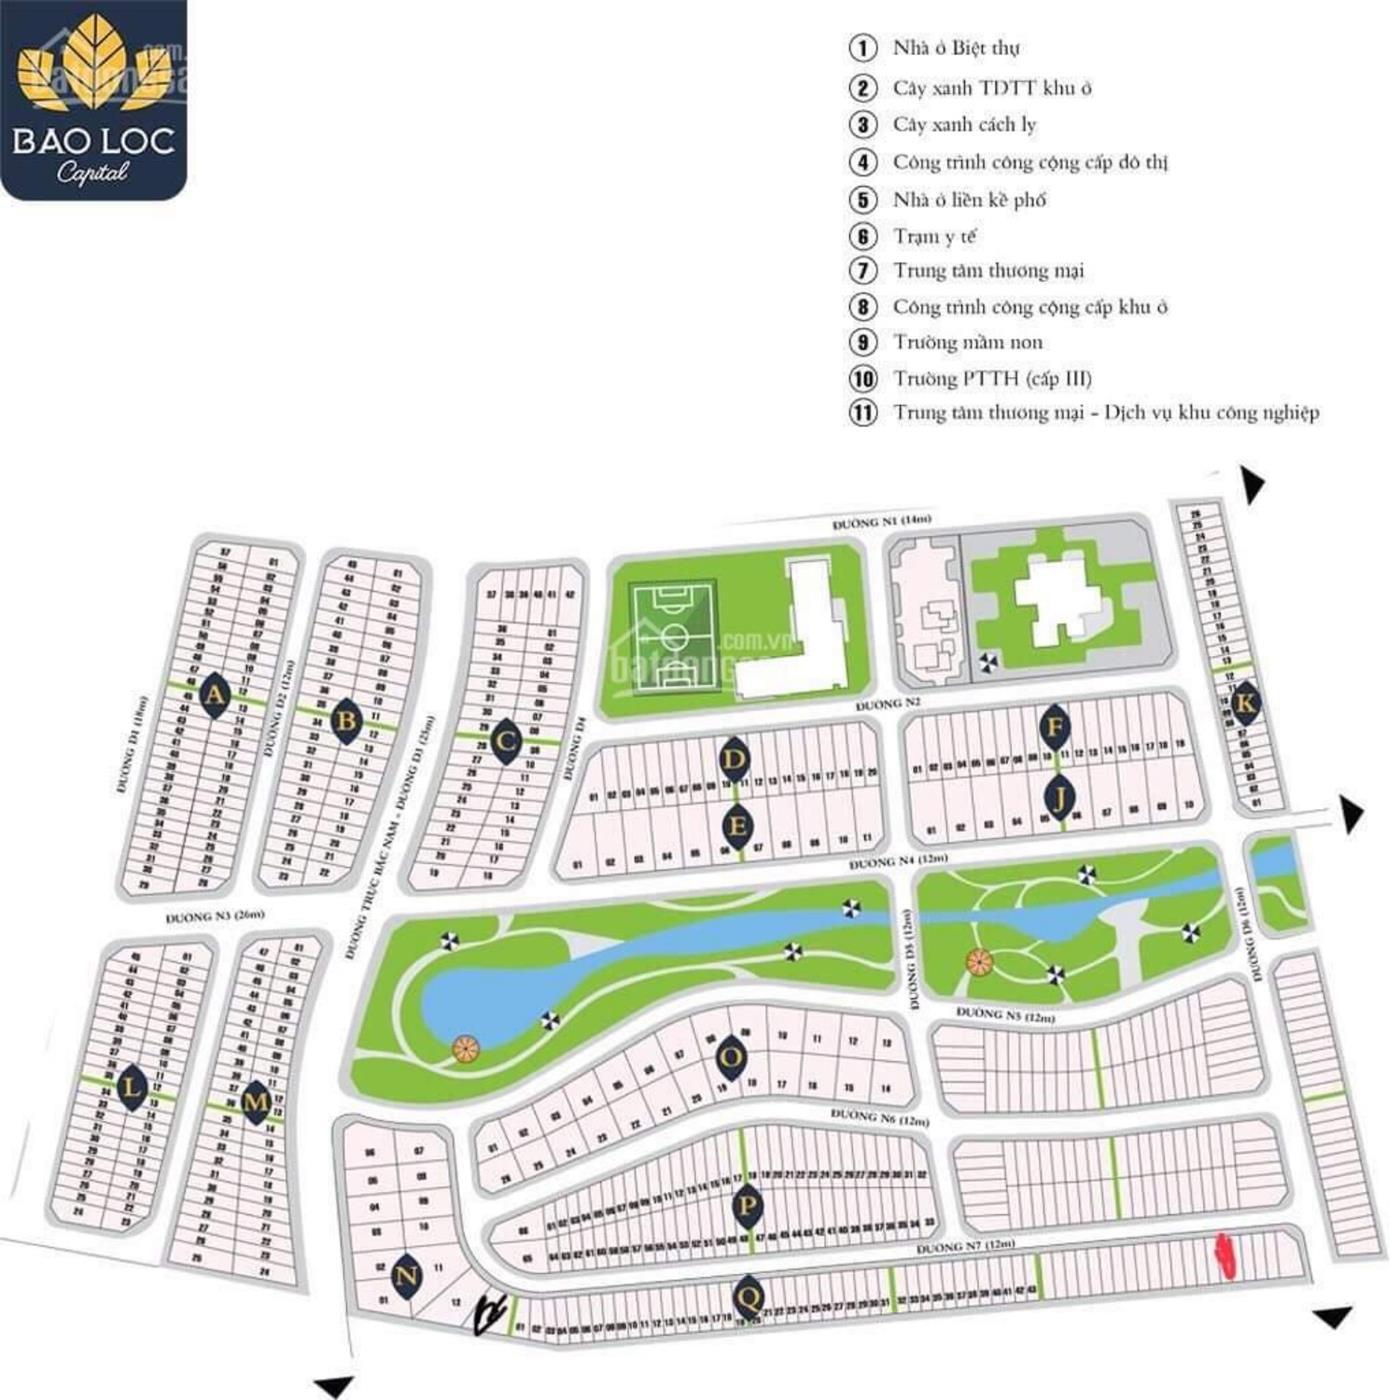 Mặt bằng phân lô khu đô thị Bảo Lộc Capital